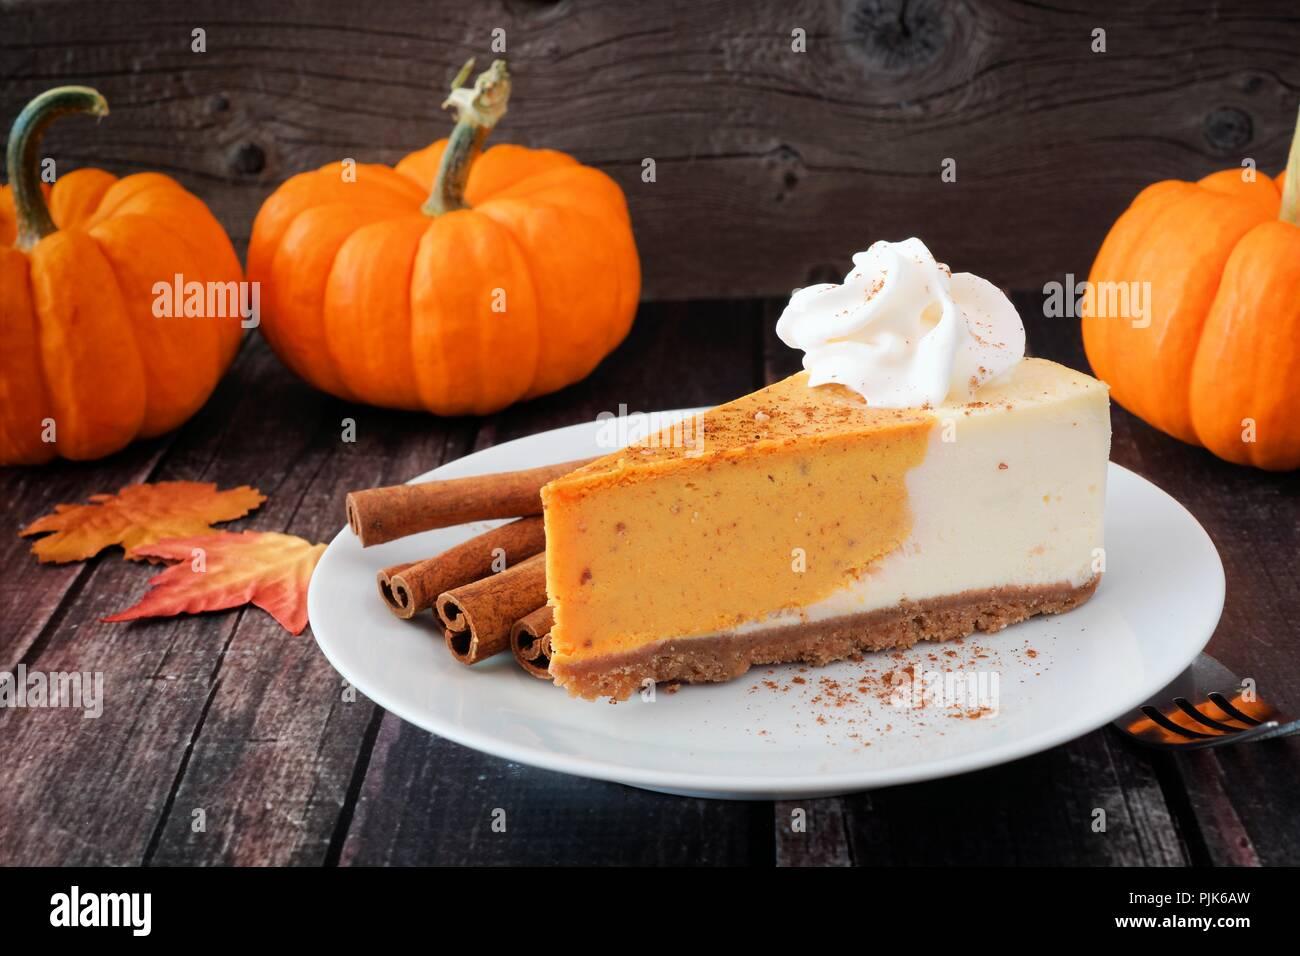 Trozo de tarta de queso y calabaza con crema batida sobre un fondo de madera rústica oscuro Imagen De Stock